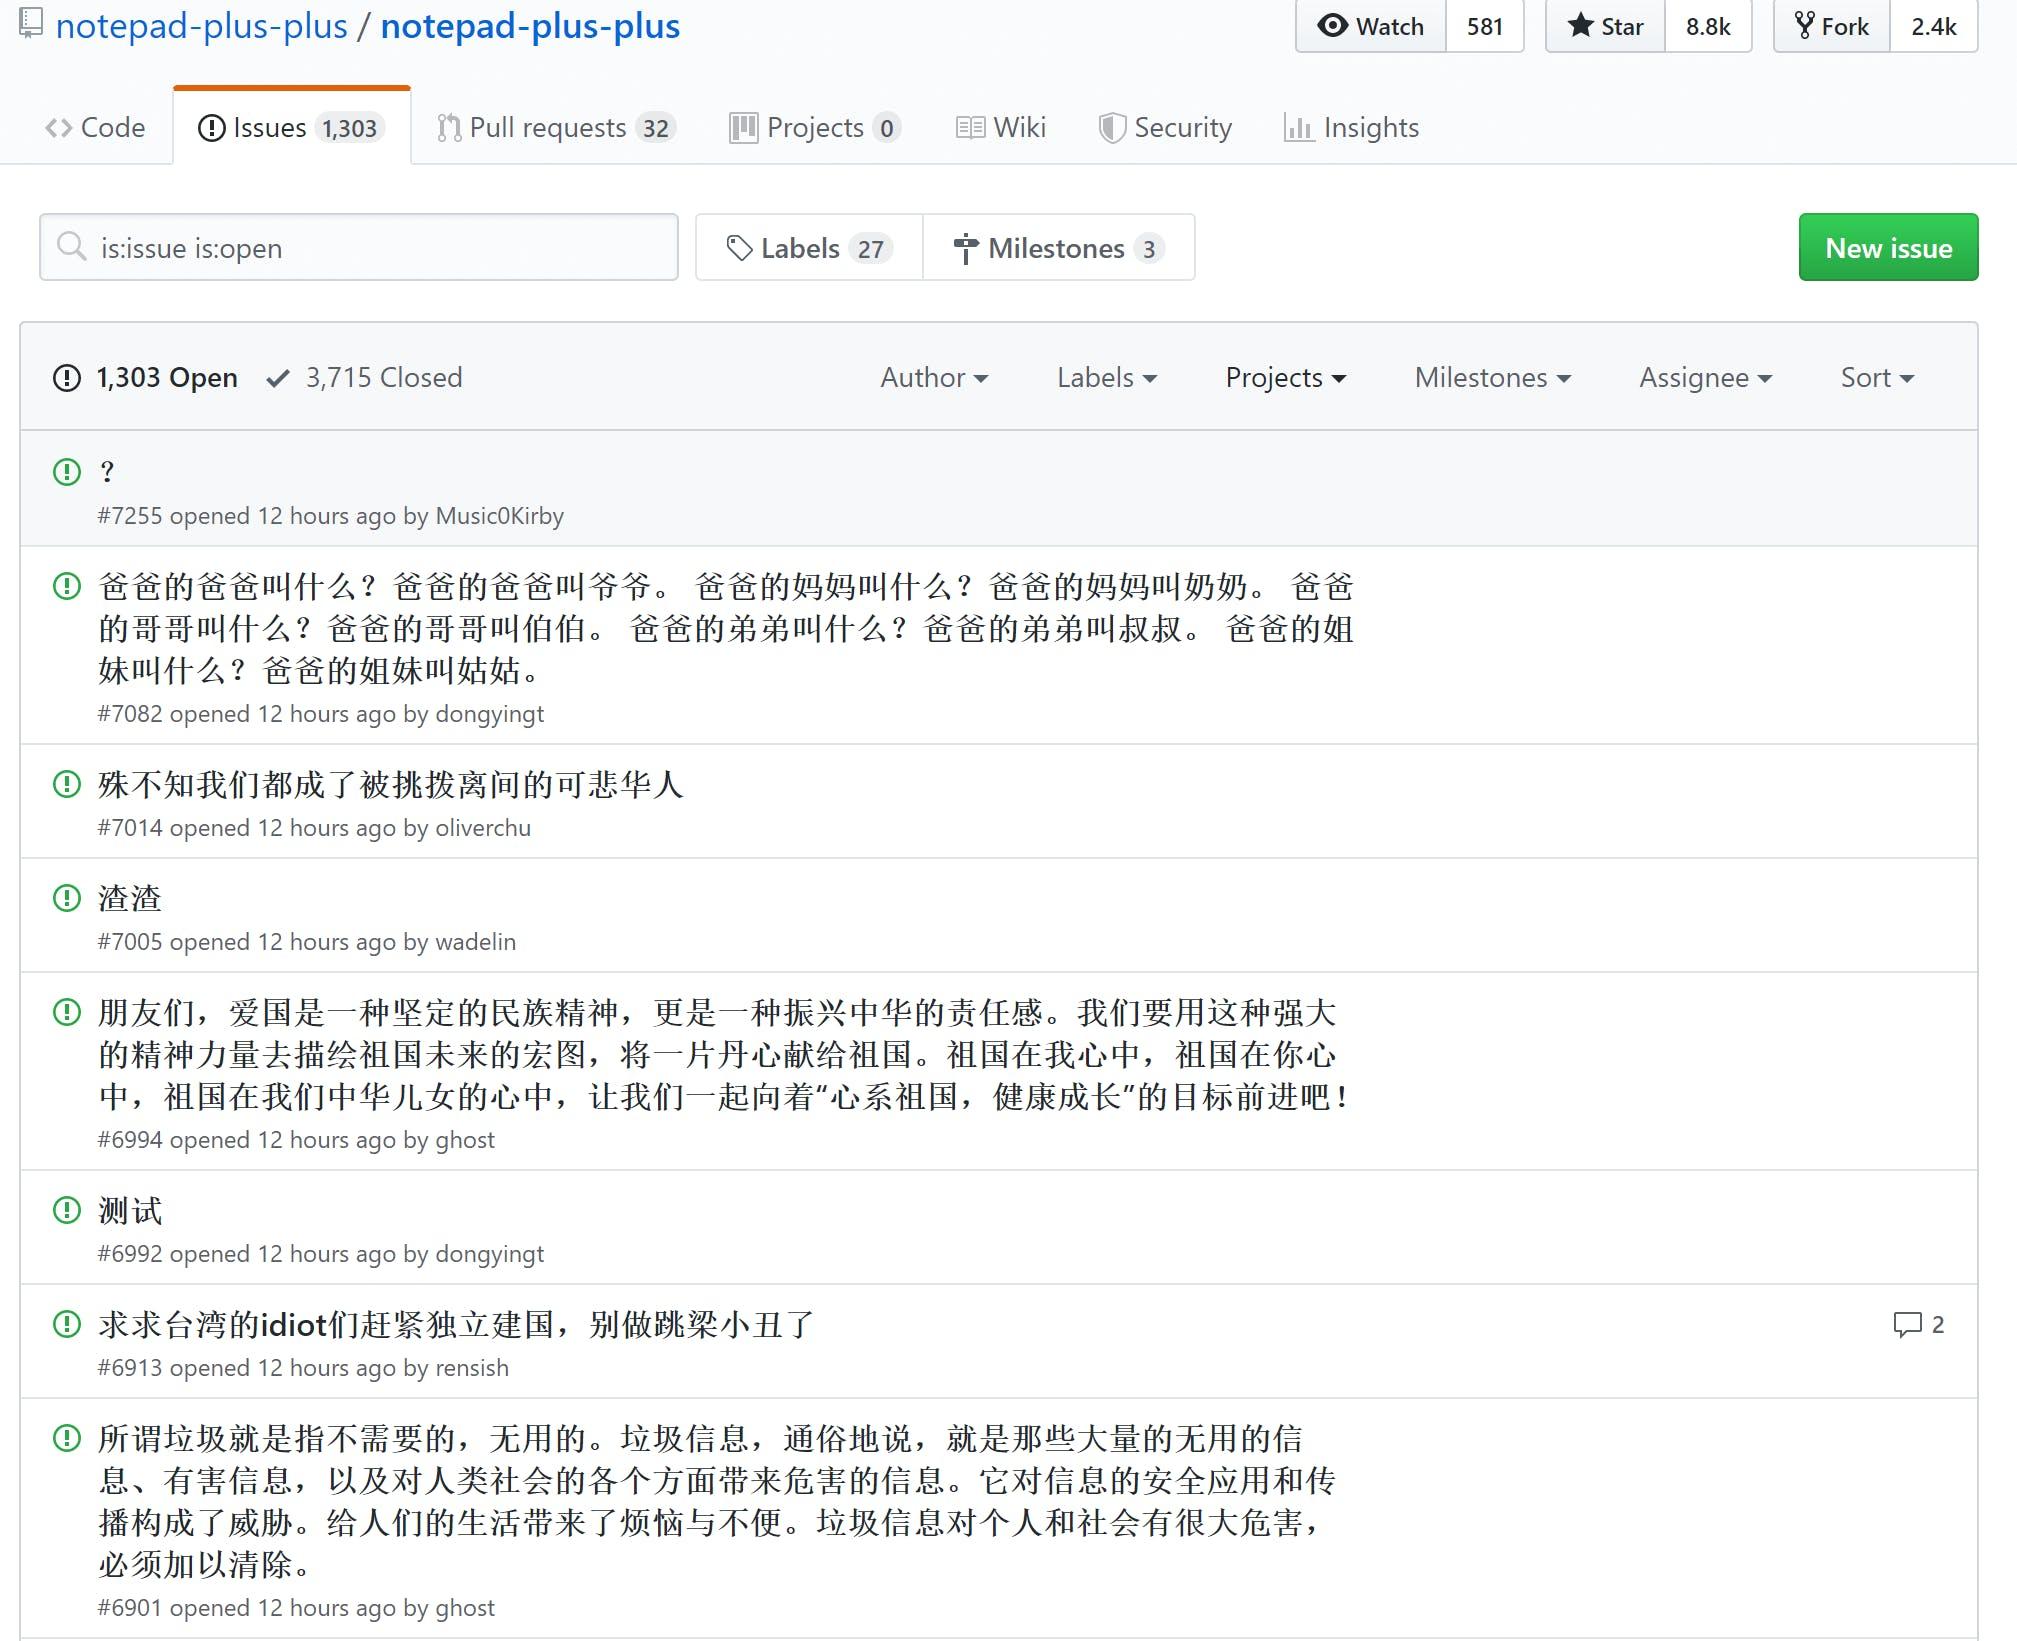 china notepad++